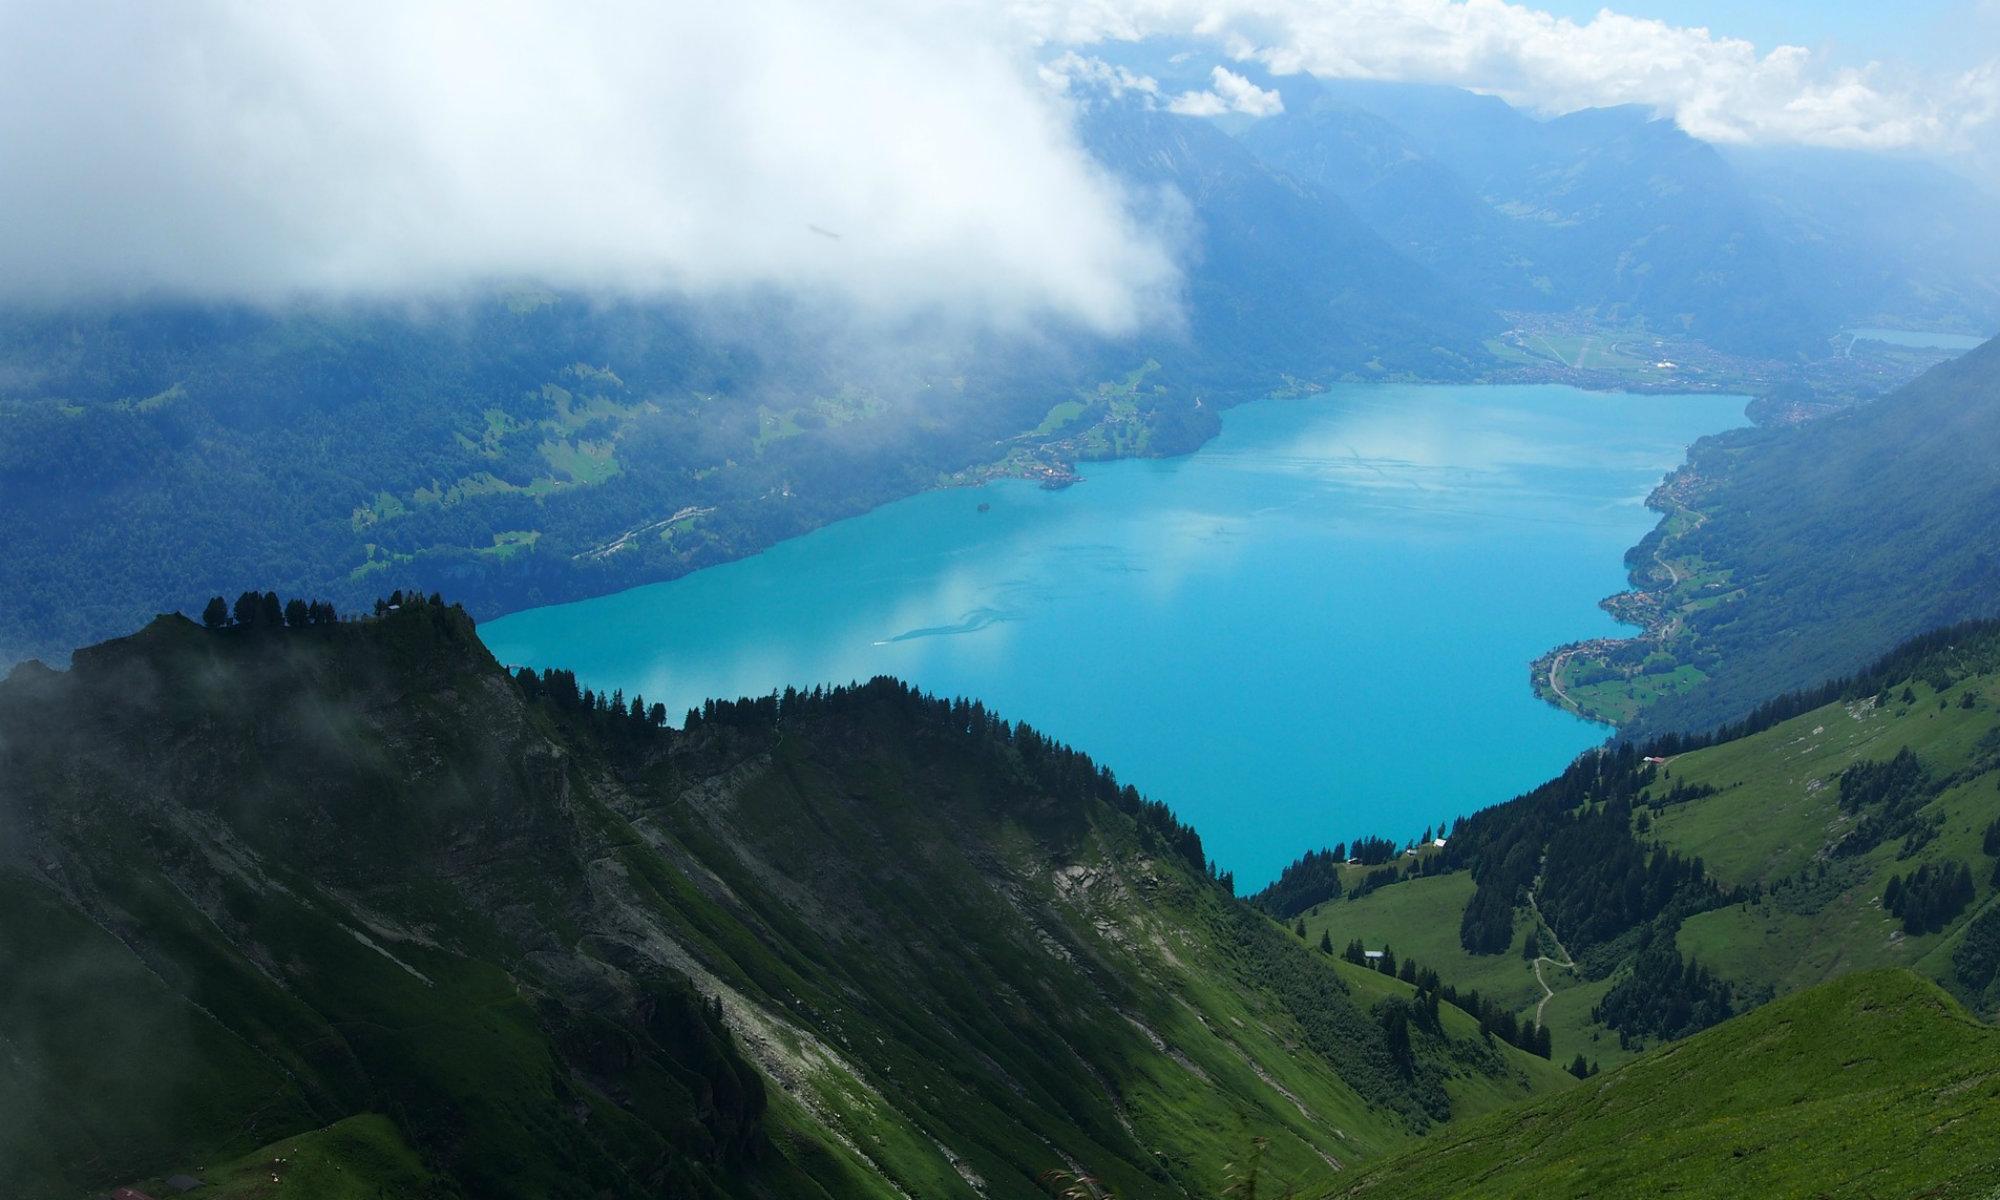 Vue sur le lac de Thoune en Suisse.